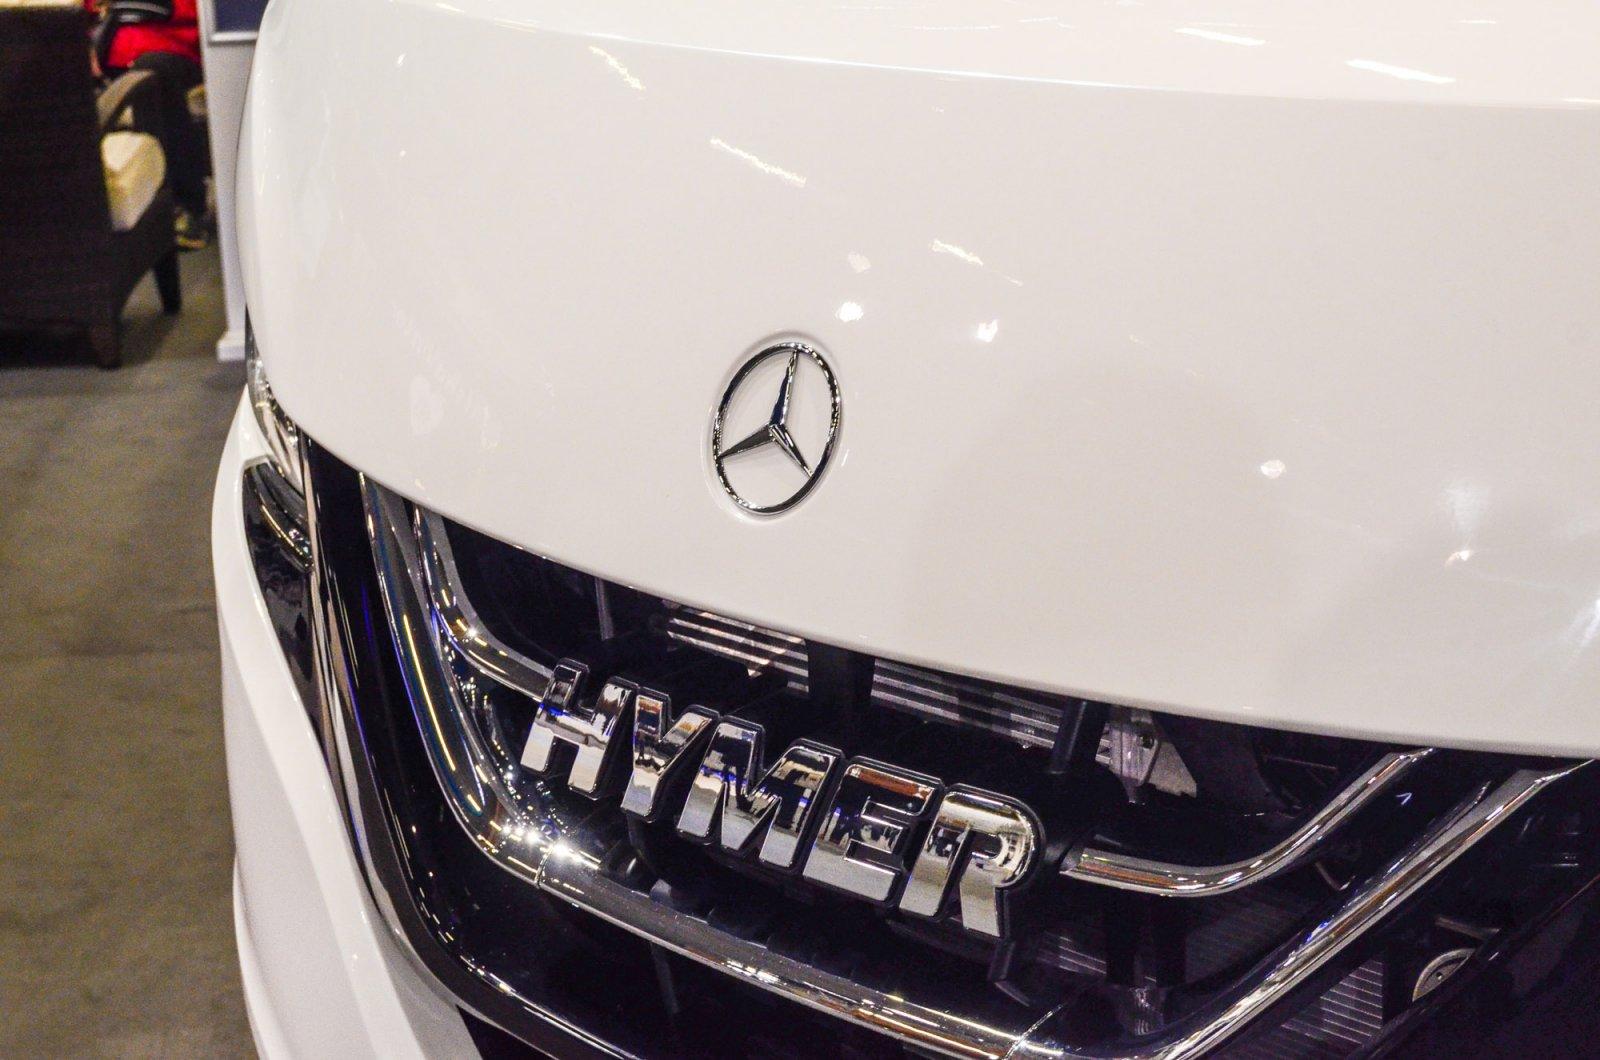 Hymer visade både hel- och halvintegrerade husbilar baserade på Mercedes-Benz.